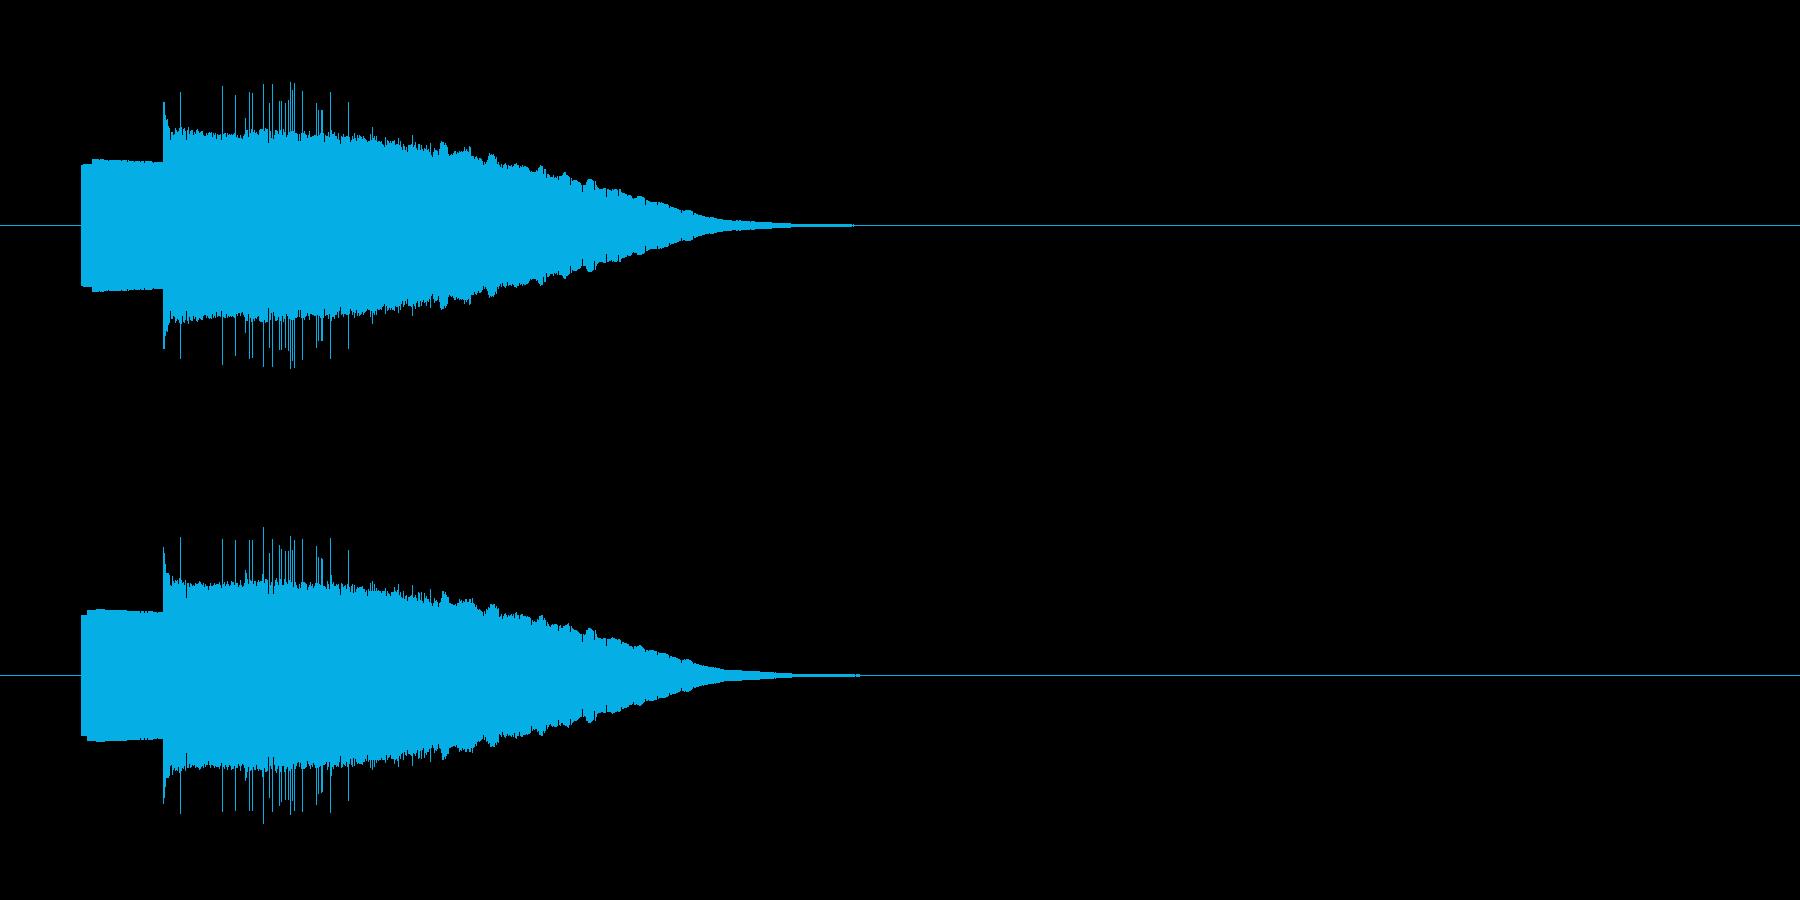 ファミコン風の操作系SEの再生済みの波形